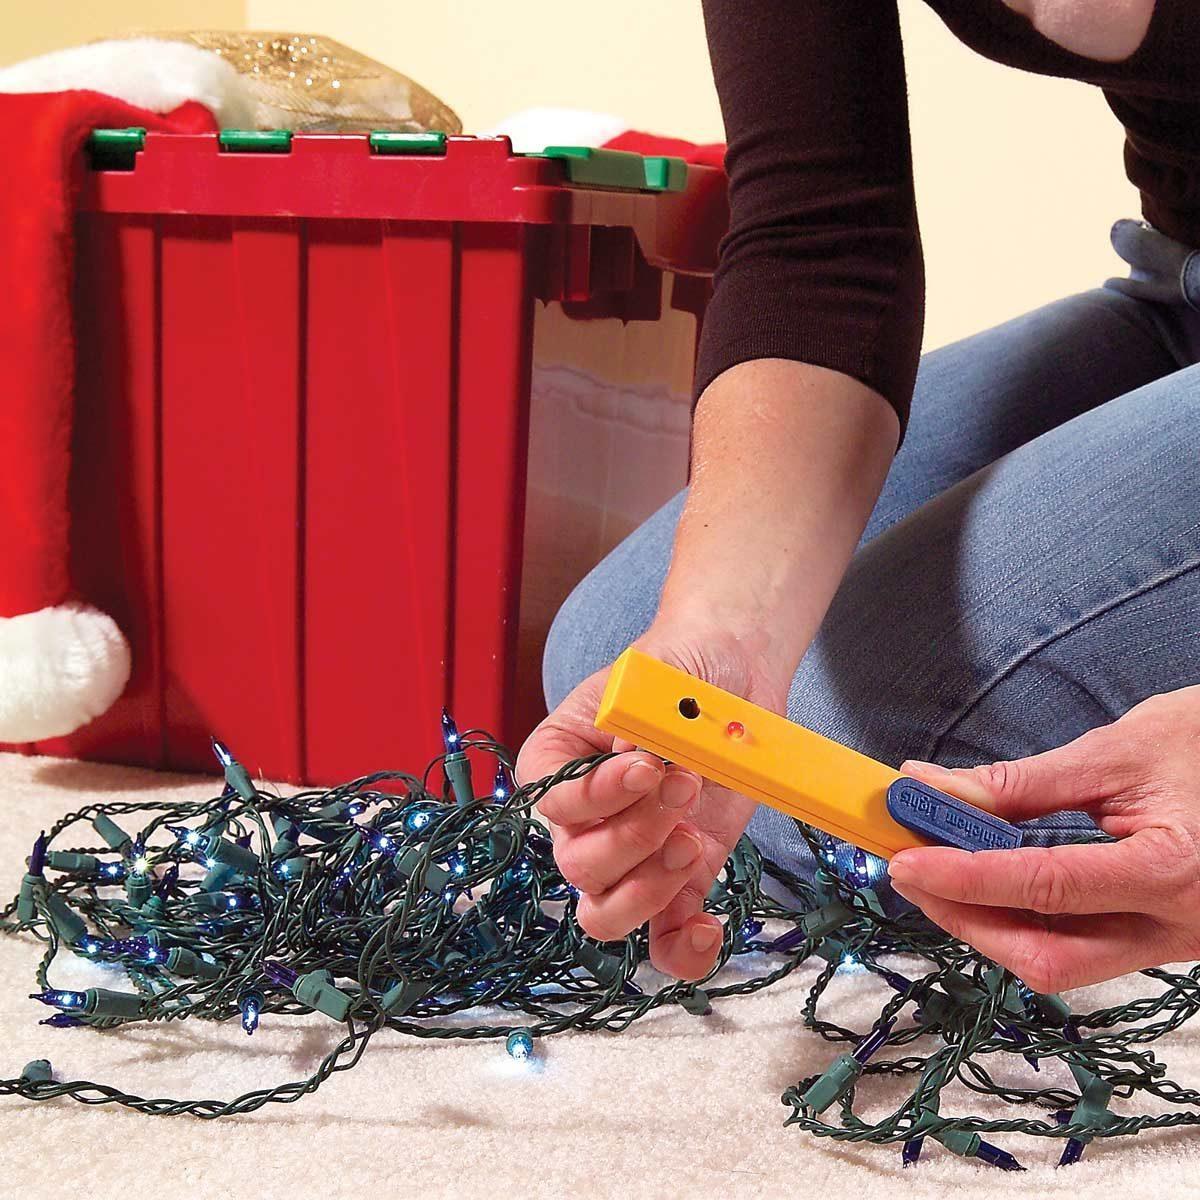 FH06DJA_464_05_001 testing christmas lights